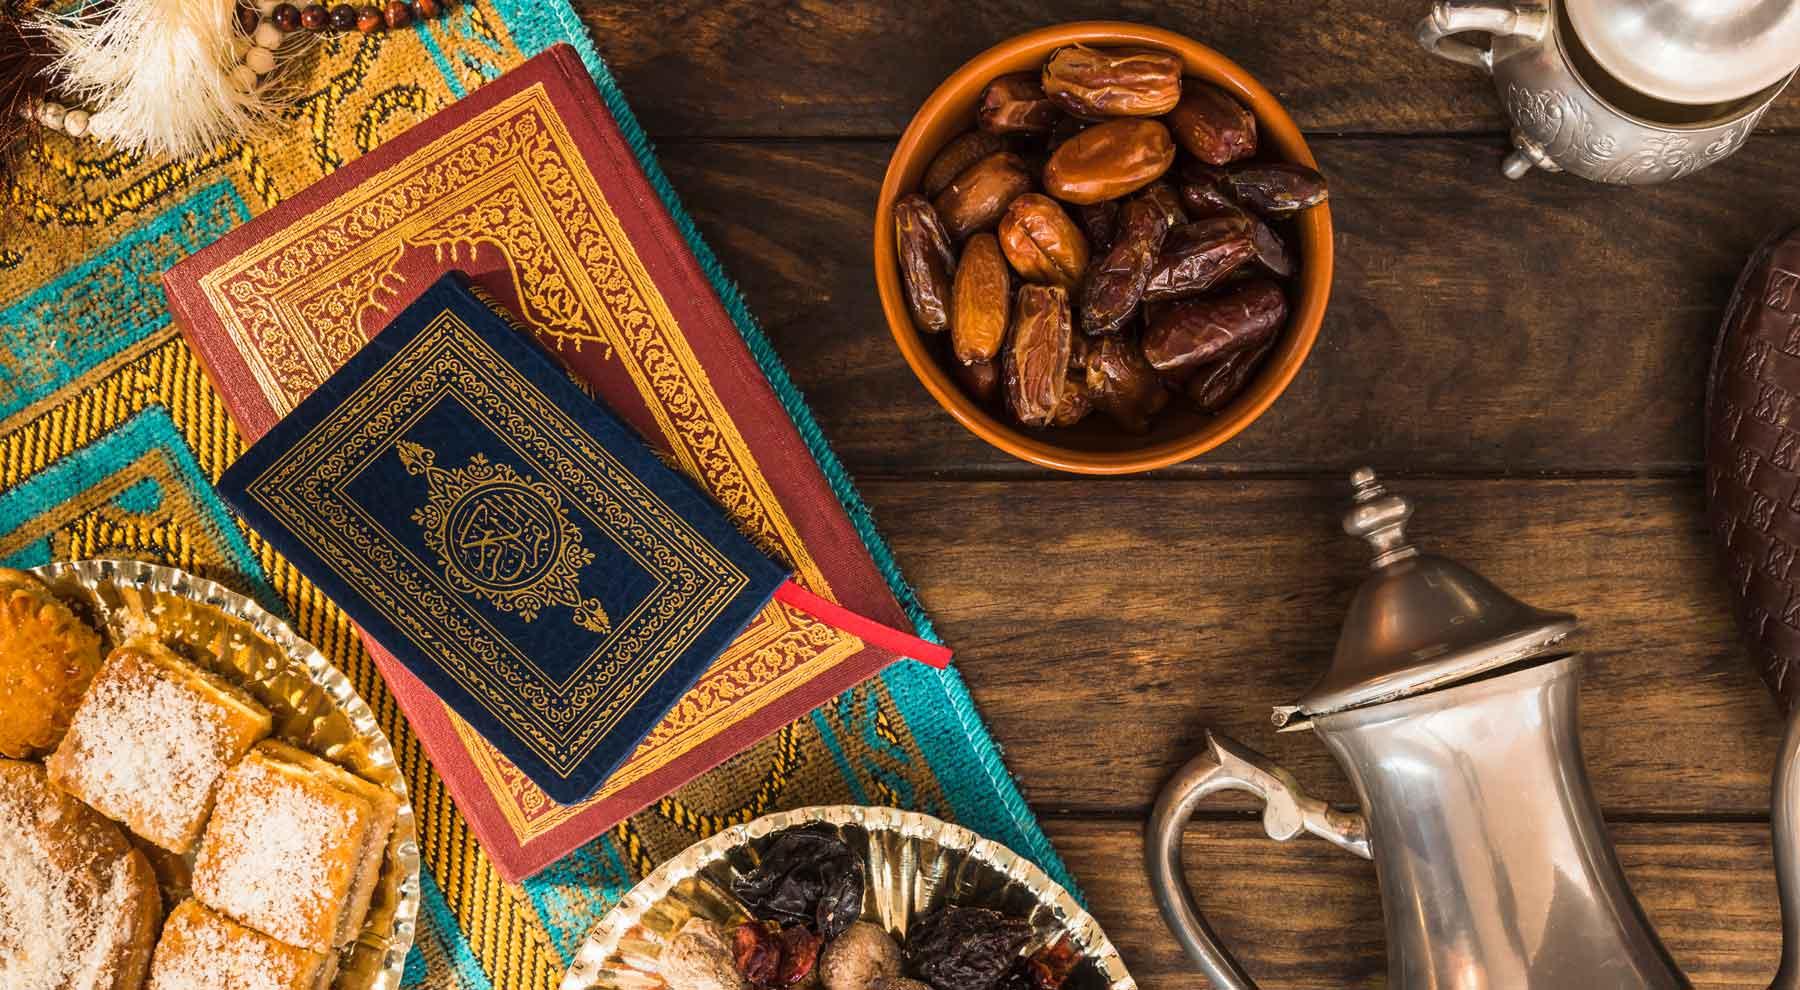 حکمت   قدر ماه مبارک رمضان رو بدون / استاد توکلی (نسخه اینستاگرام)